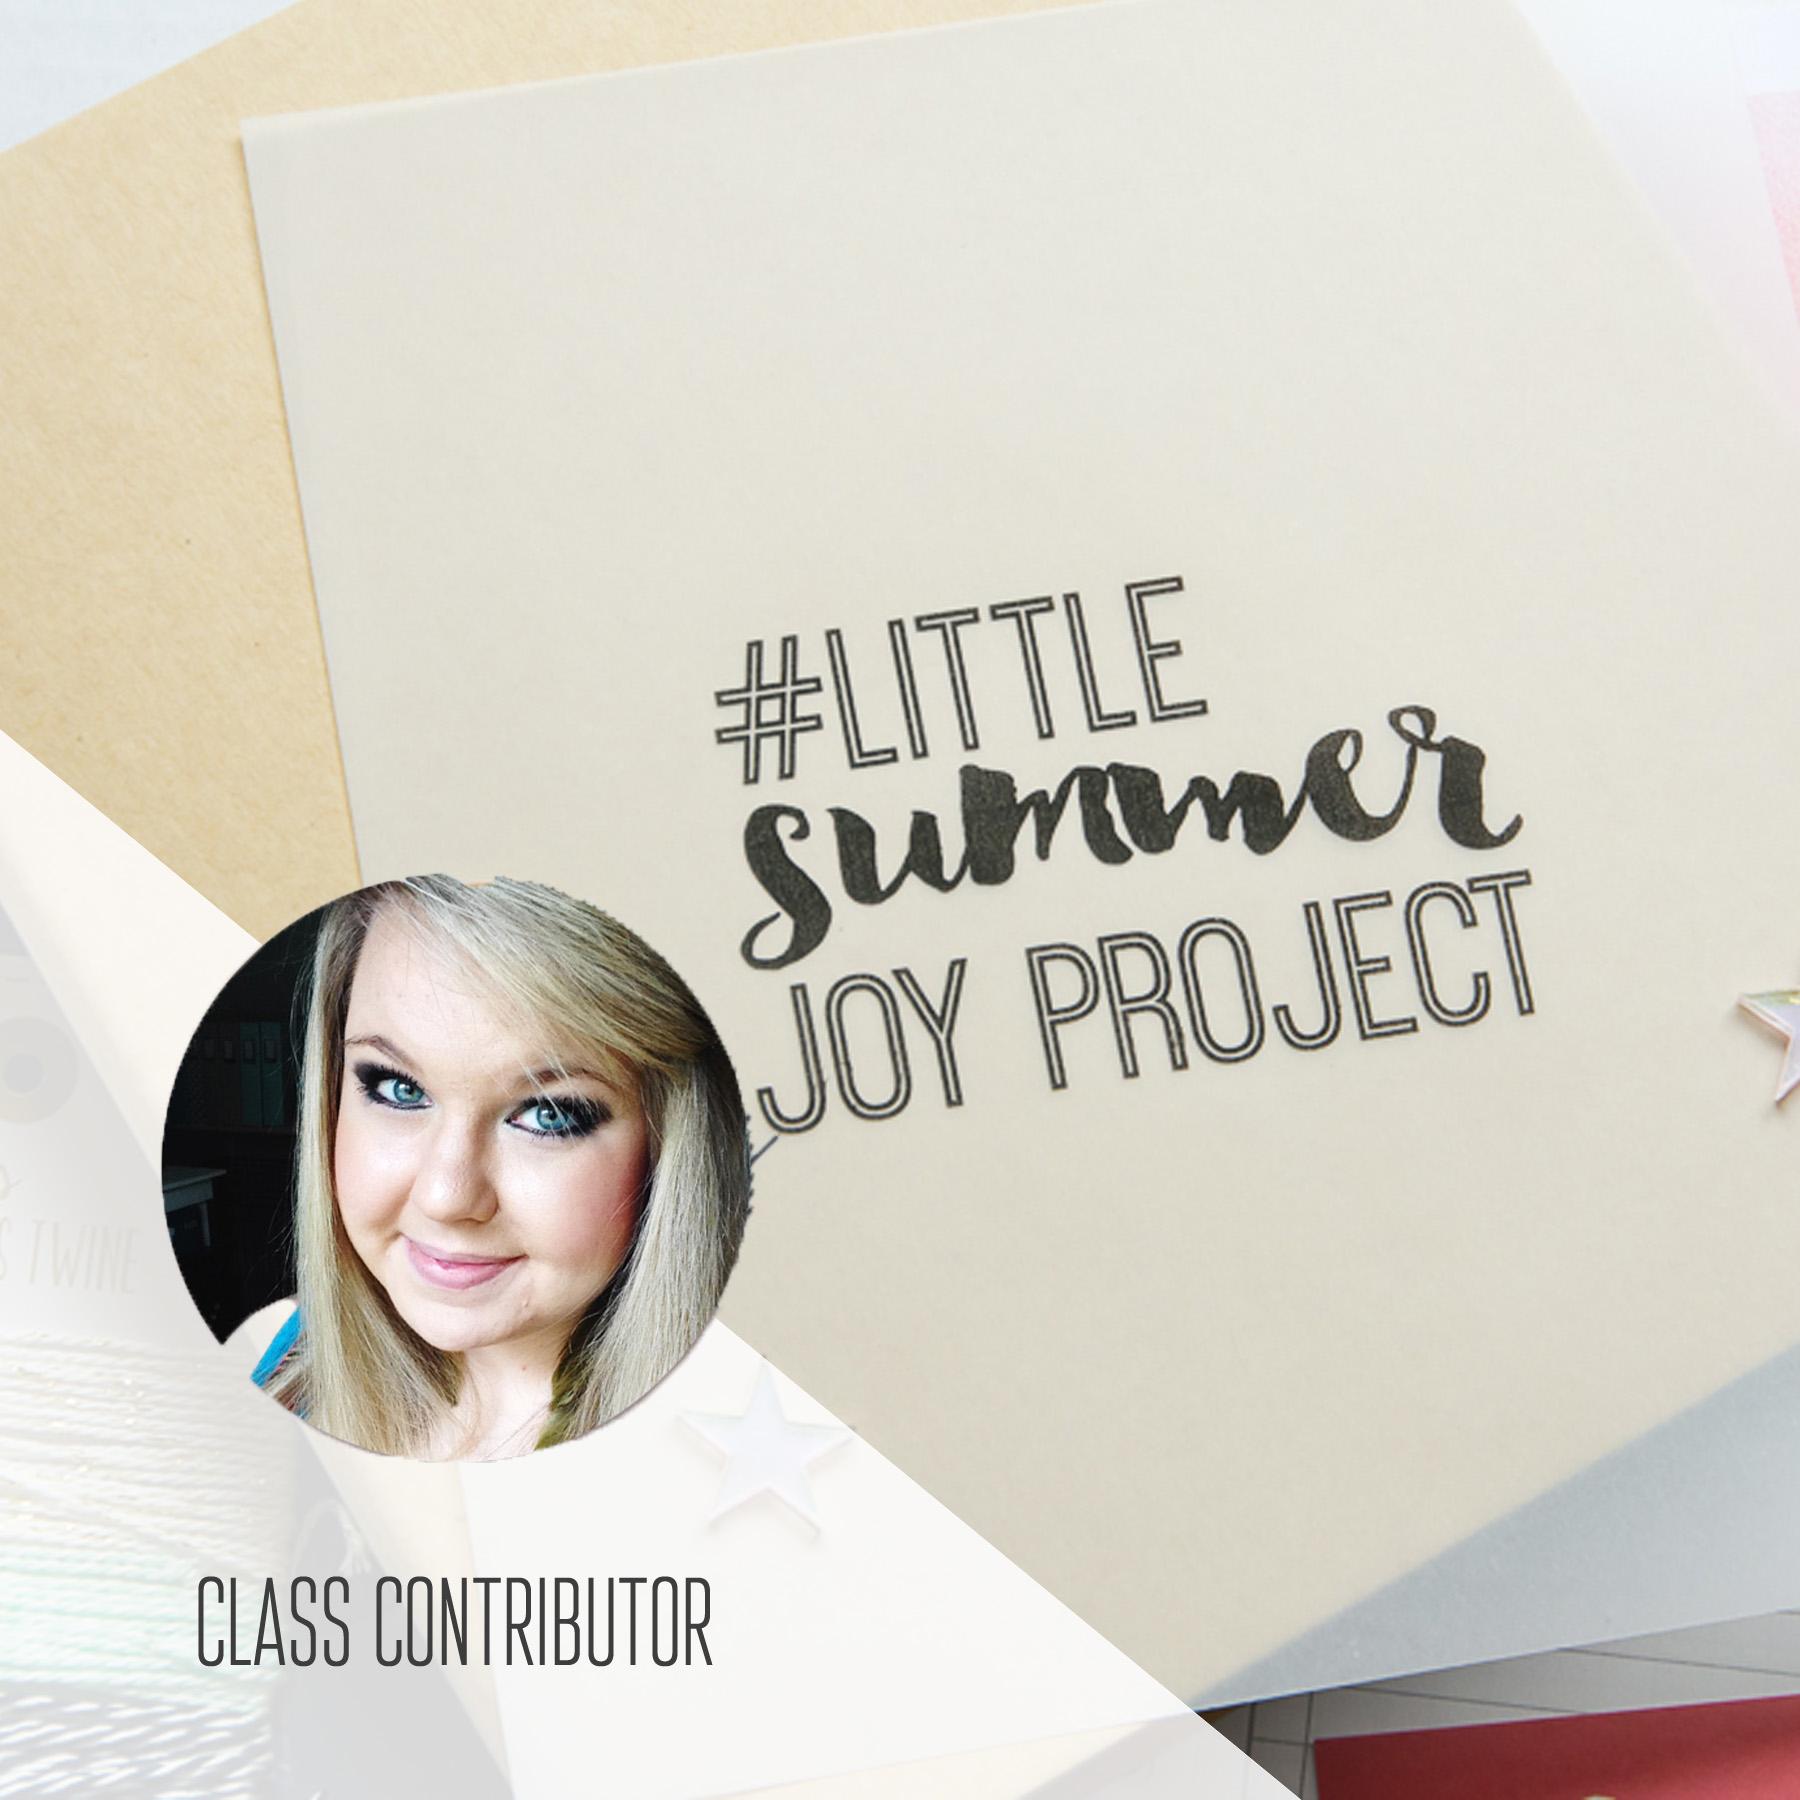 Class Contributor for #LittleSummerJOY on LittlePaperProjects.com